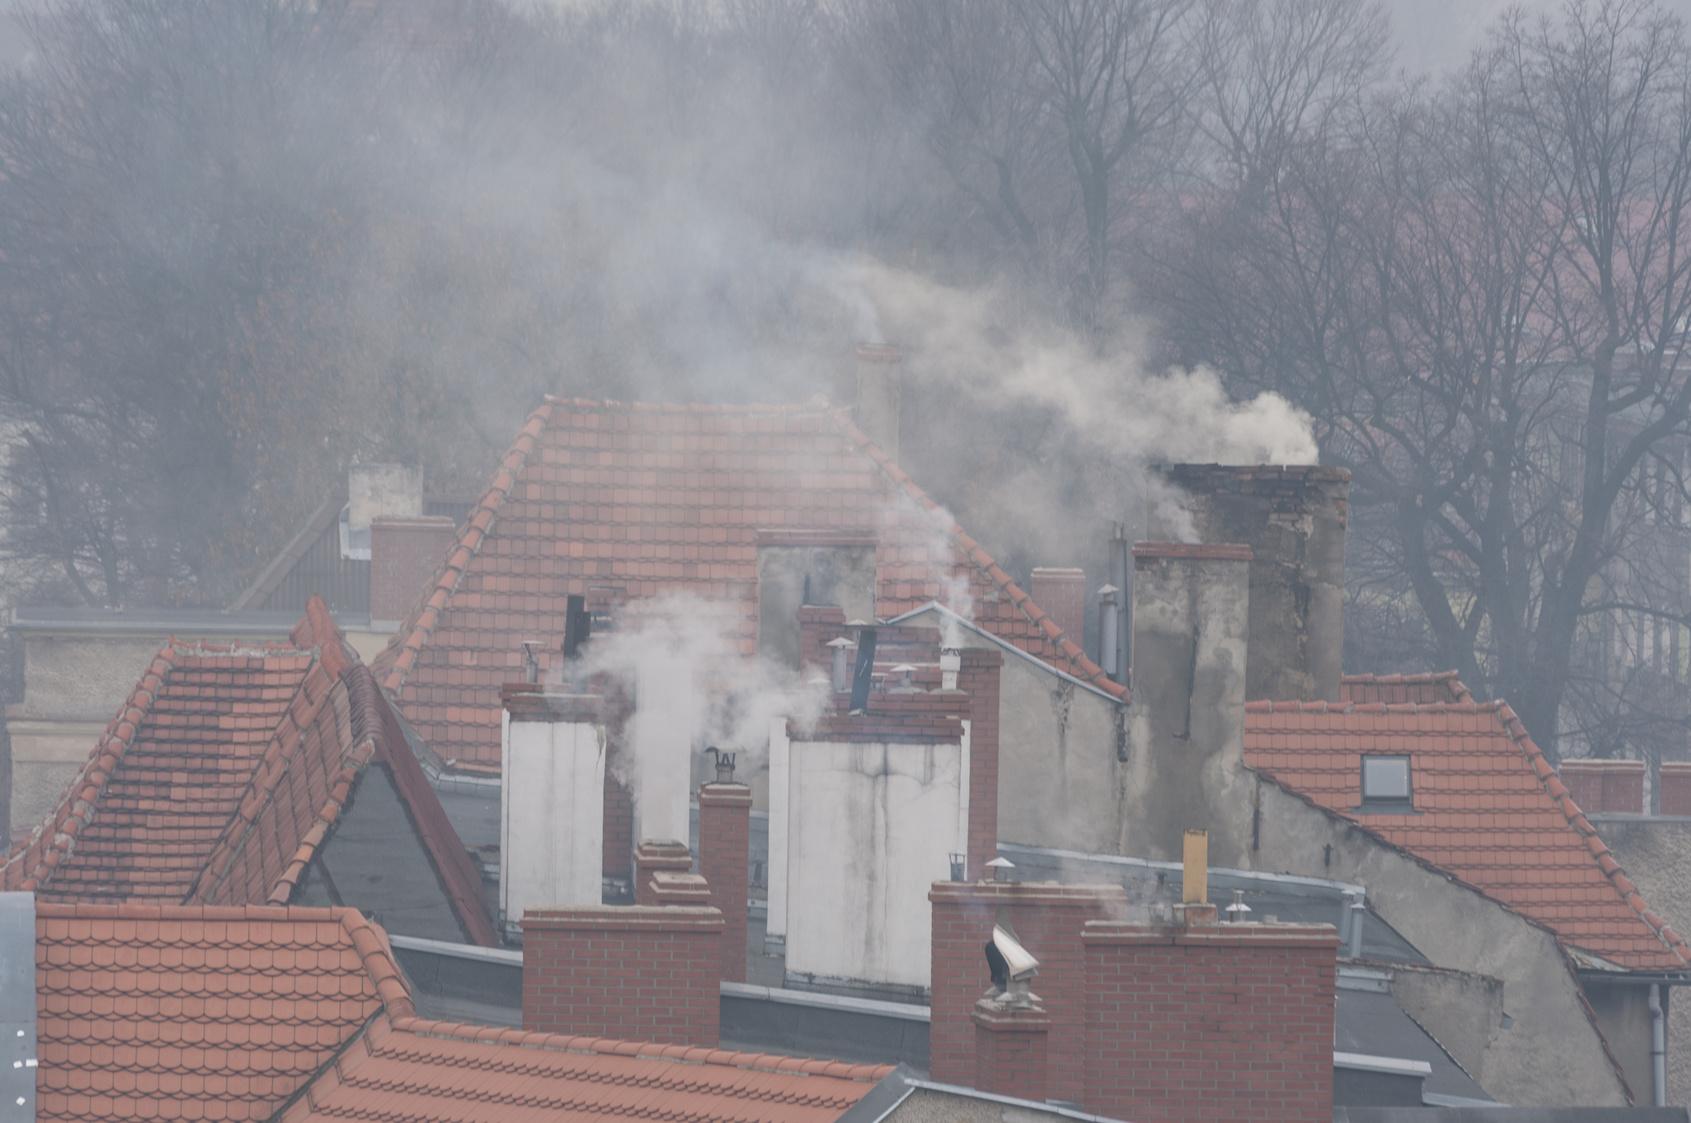 Dym lecący z kominów. Czerwone dachy domów